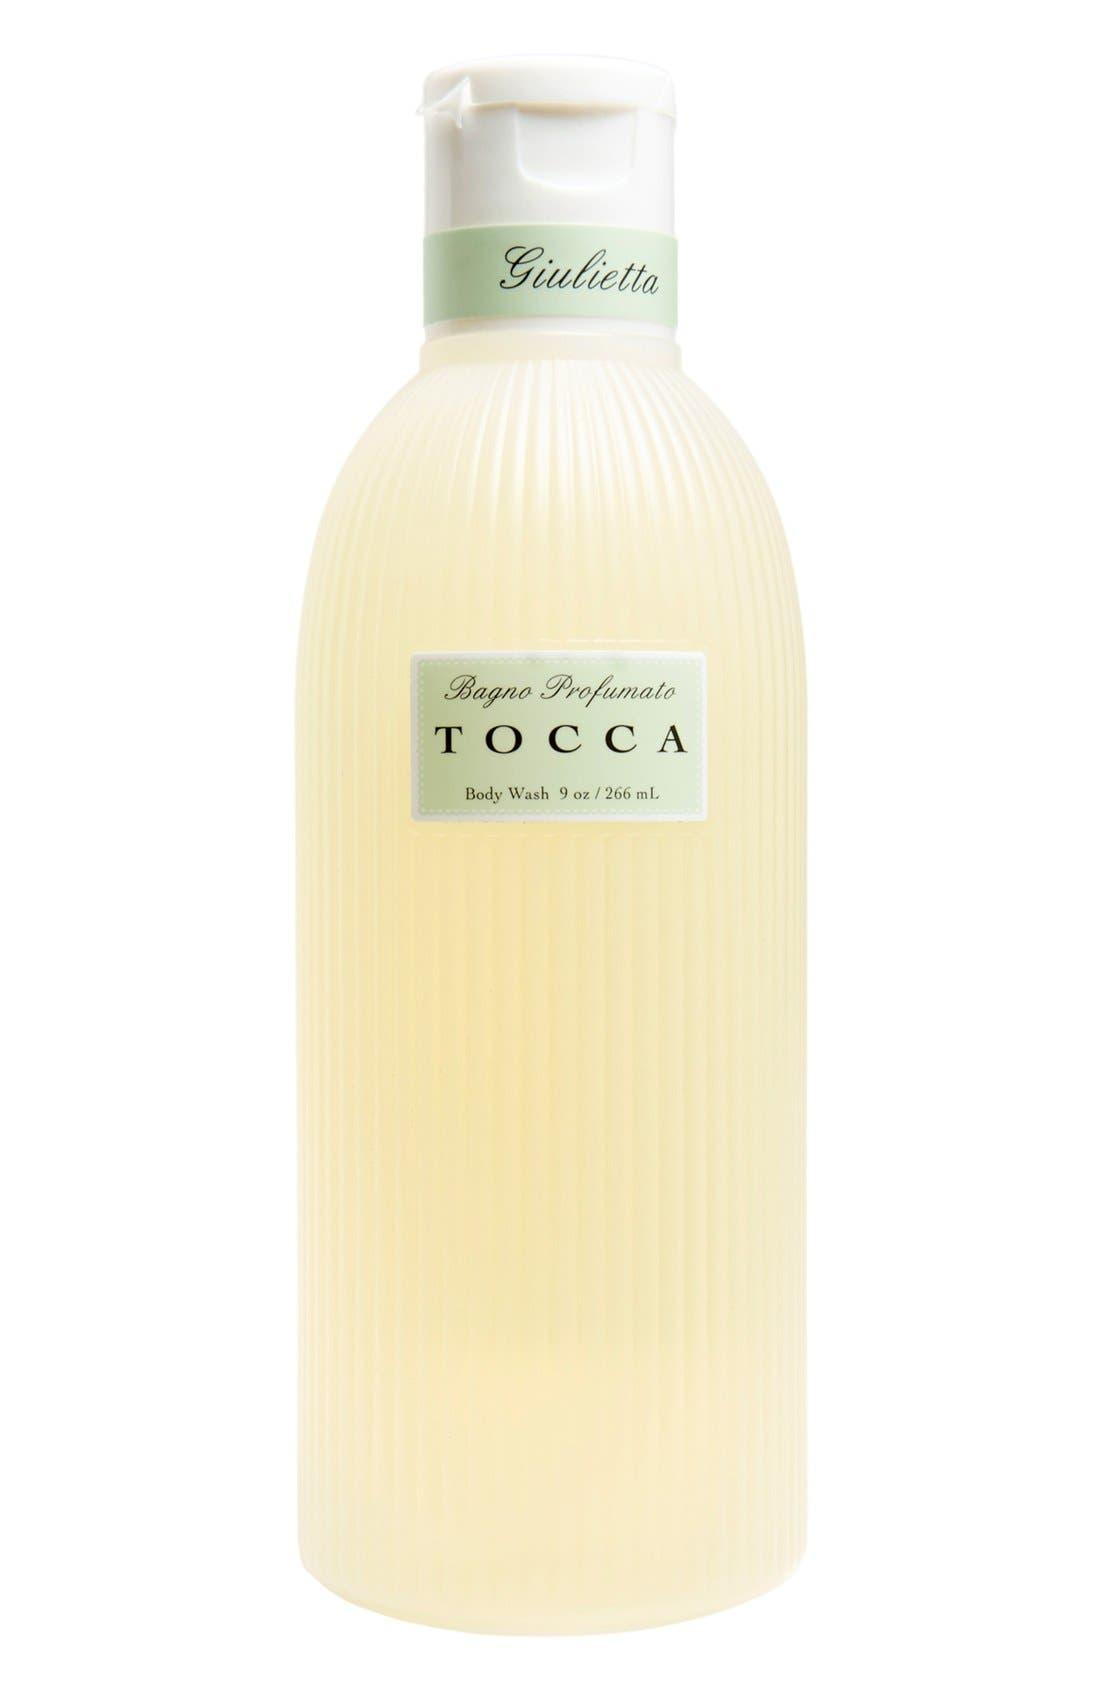 TOCCA 'Giulietta' Body Wash